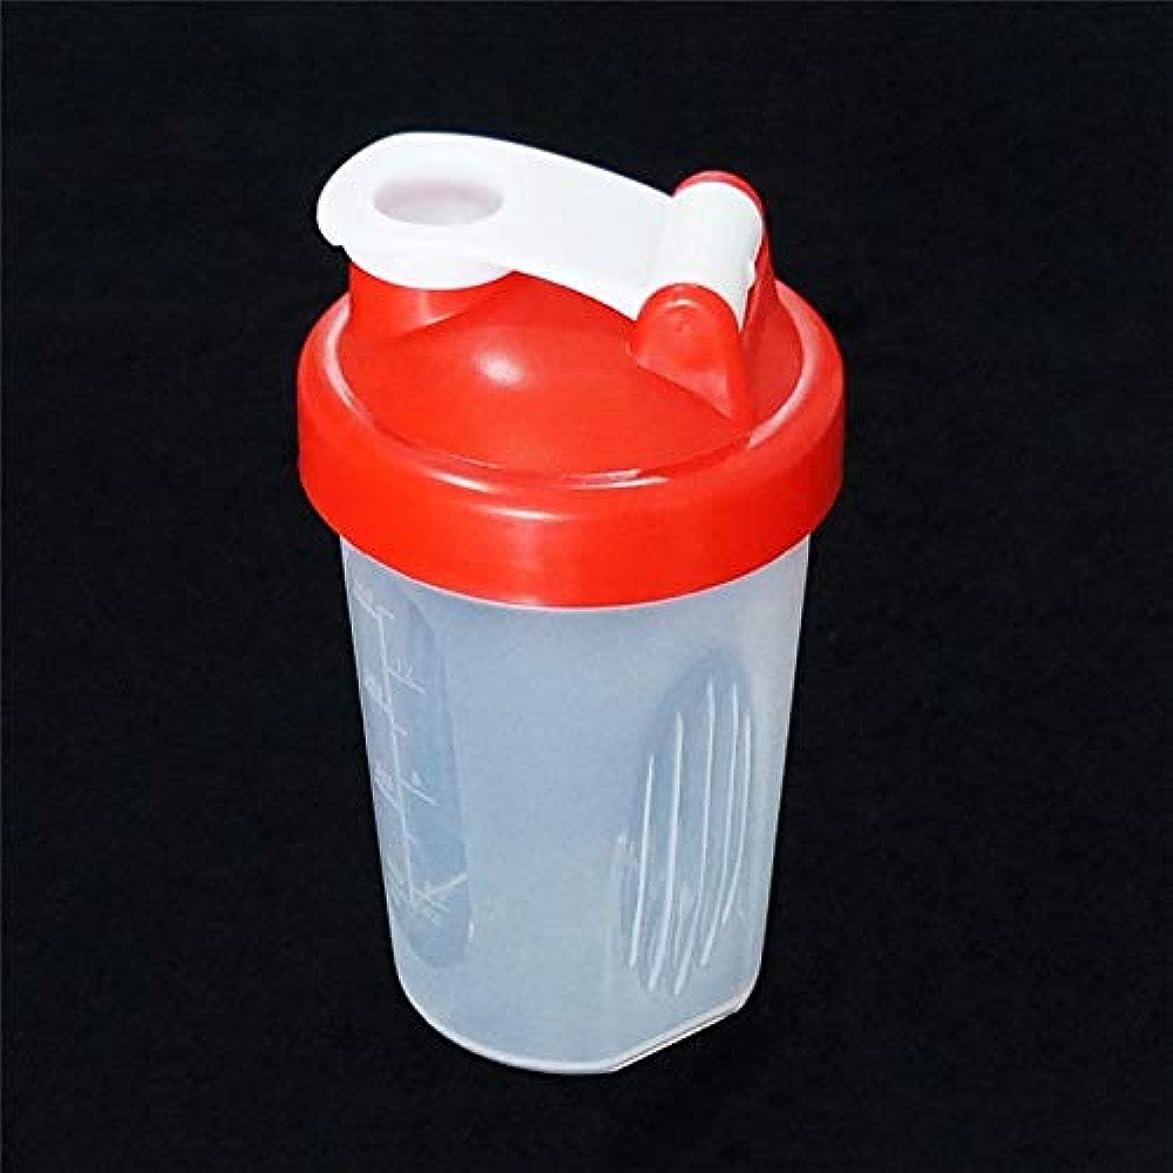 不規則性換気する食欲Maxcrestas - 400ML Plastic Shake Cups Drink Creative Large Capacity Free Shake Blender Shaker Mixer Cups Drink Whisk Ball Bottle New Arrivals